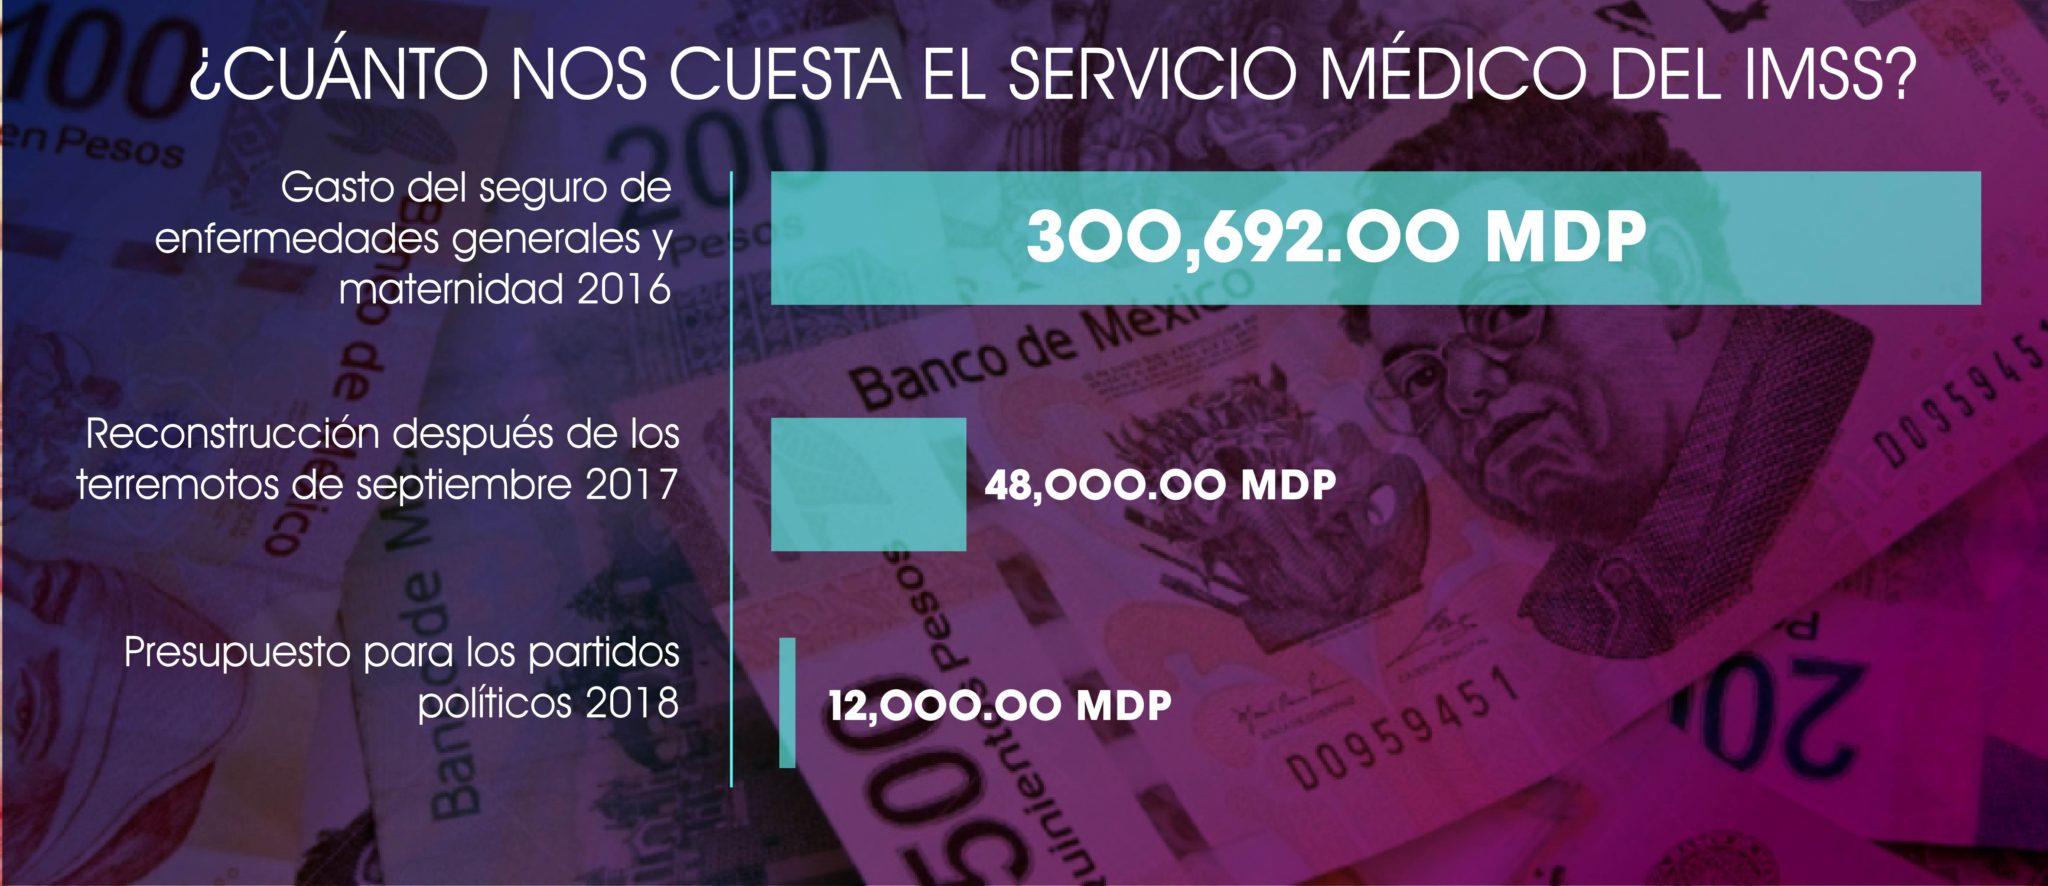 ¿cuánto nos cuesta el servicio médico?